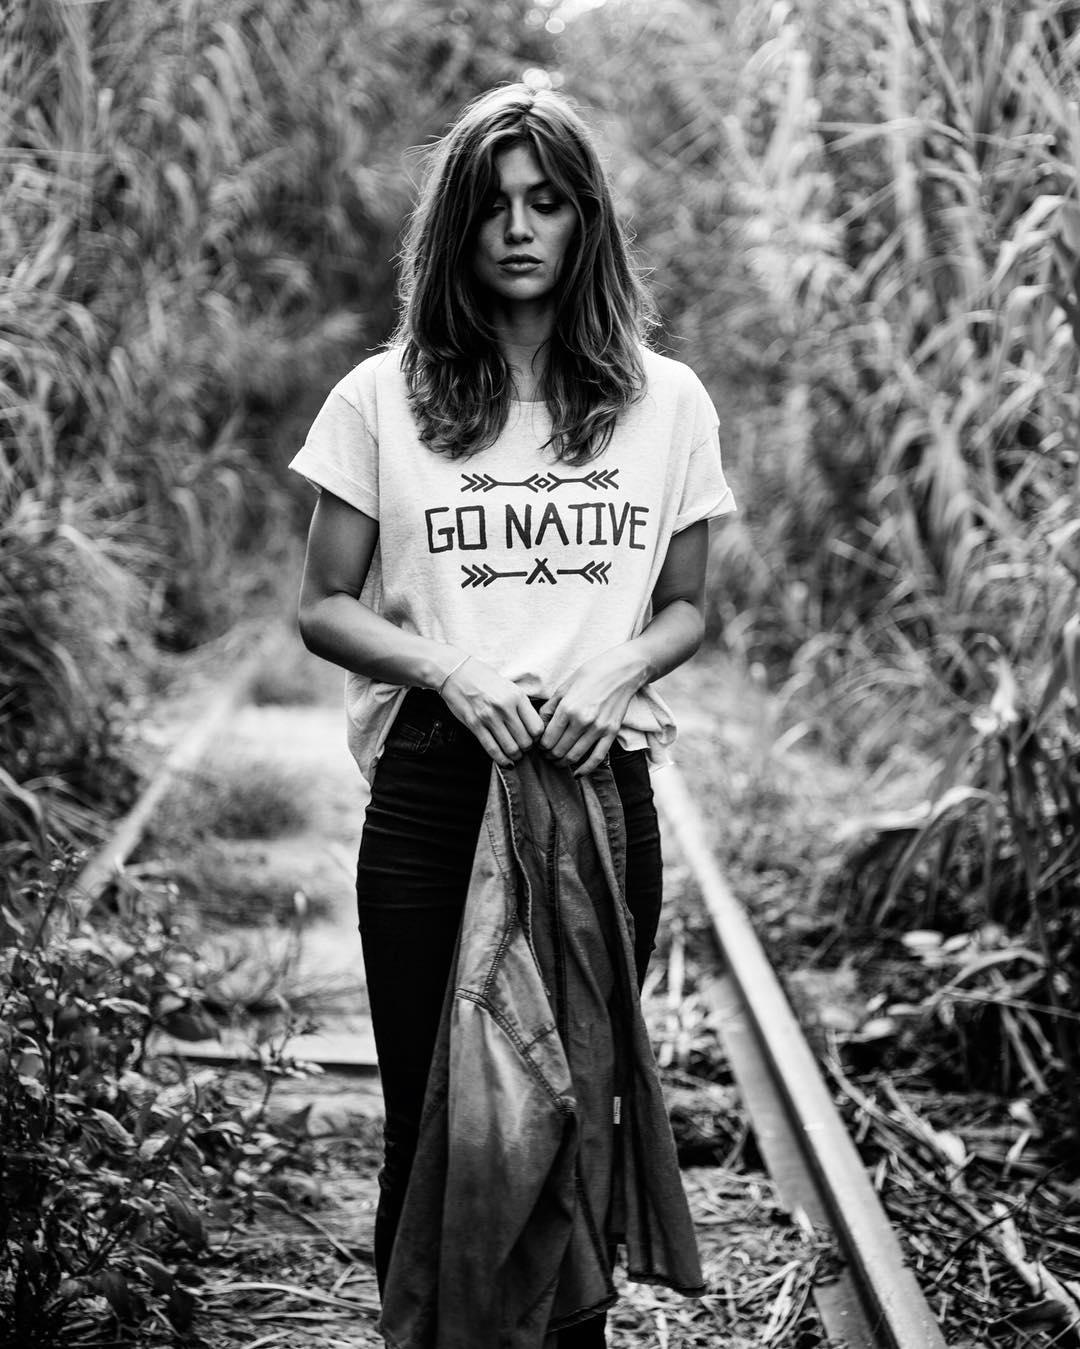 Go native, into the wild